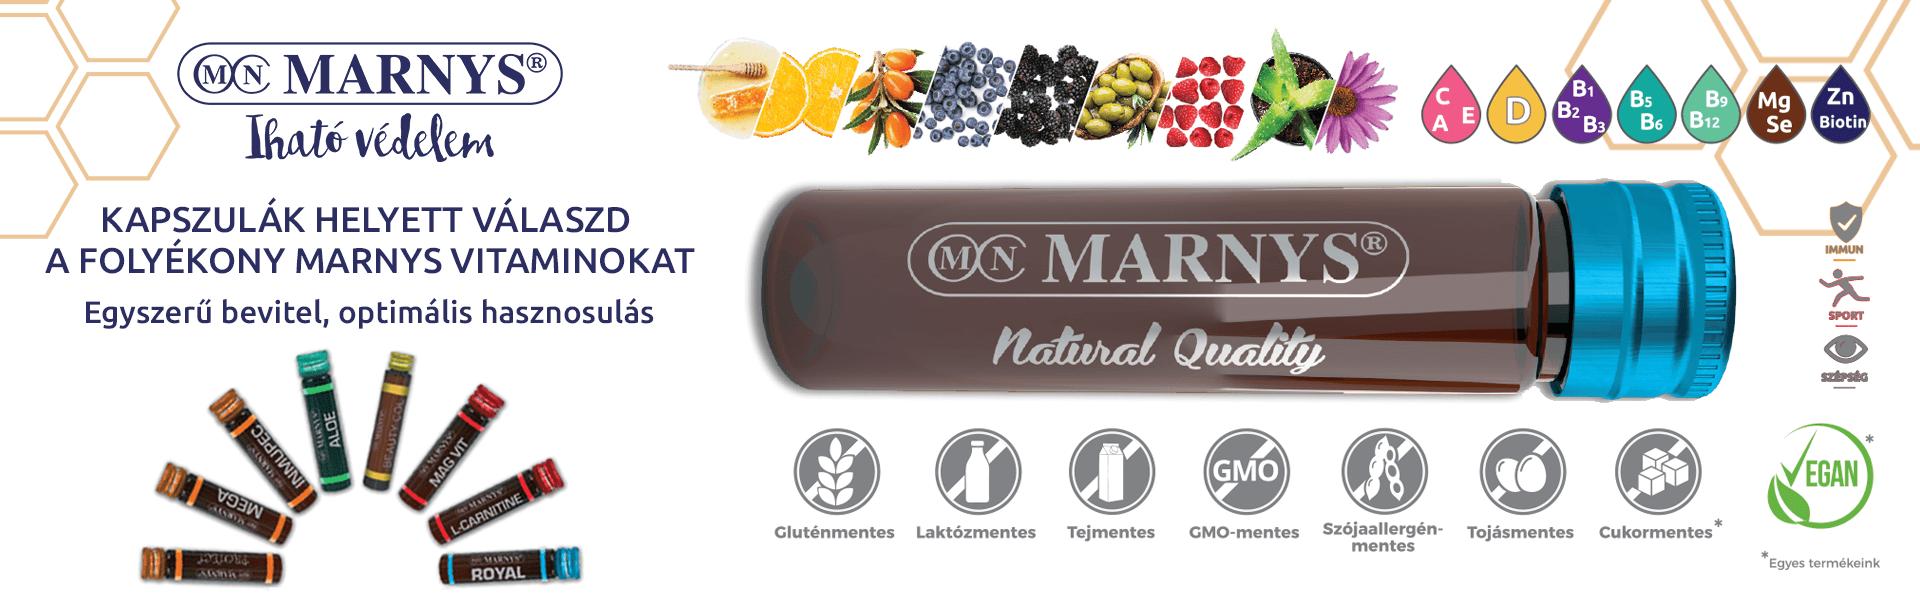 MARNYS® termékek